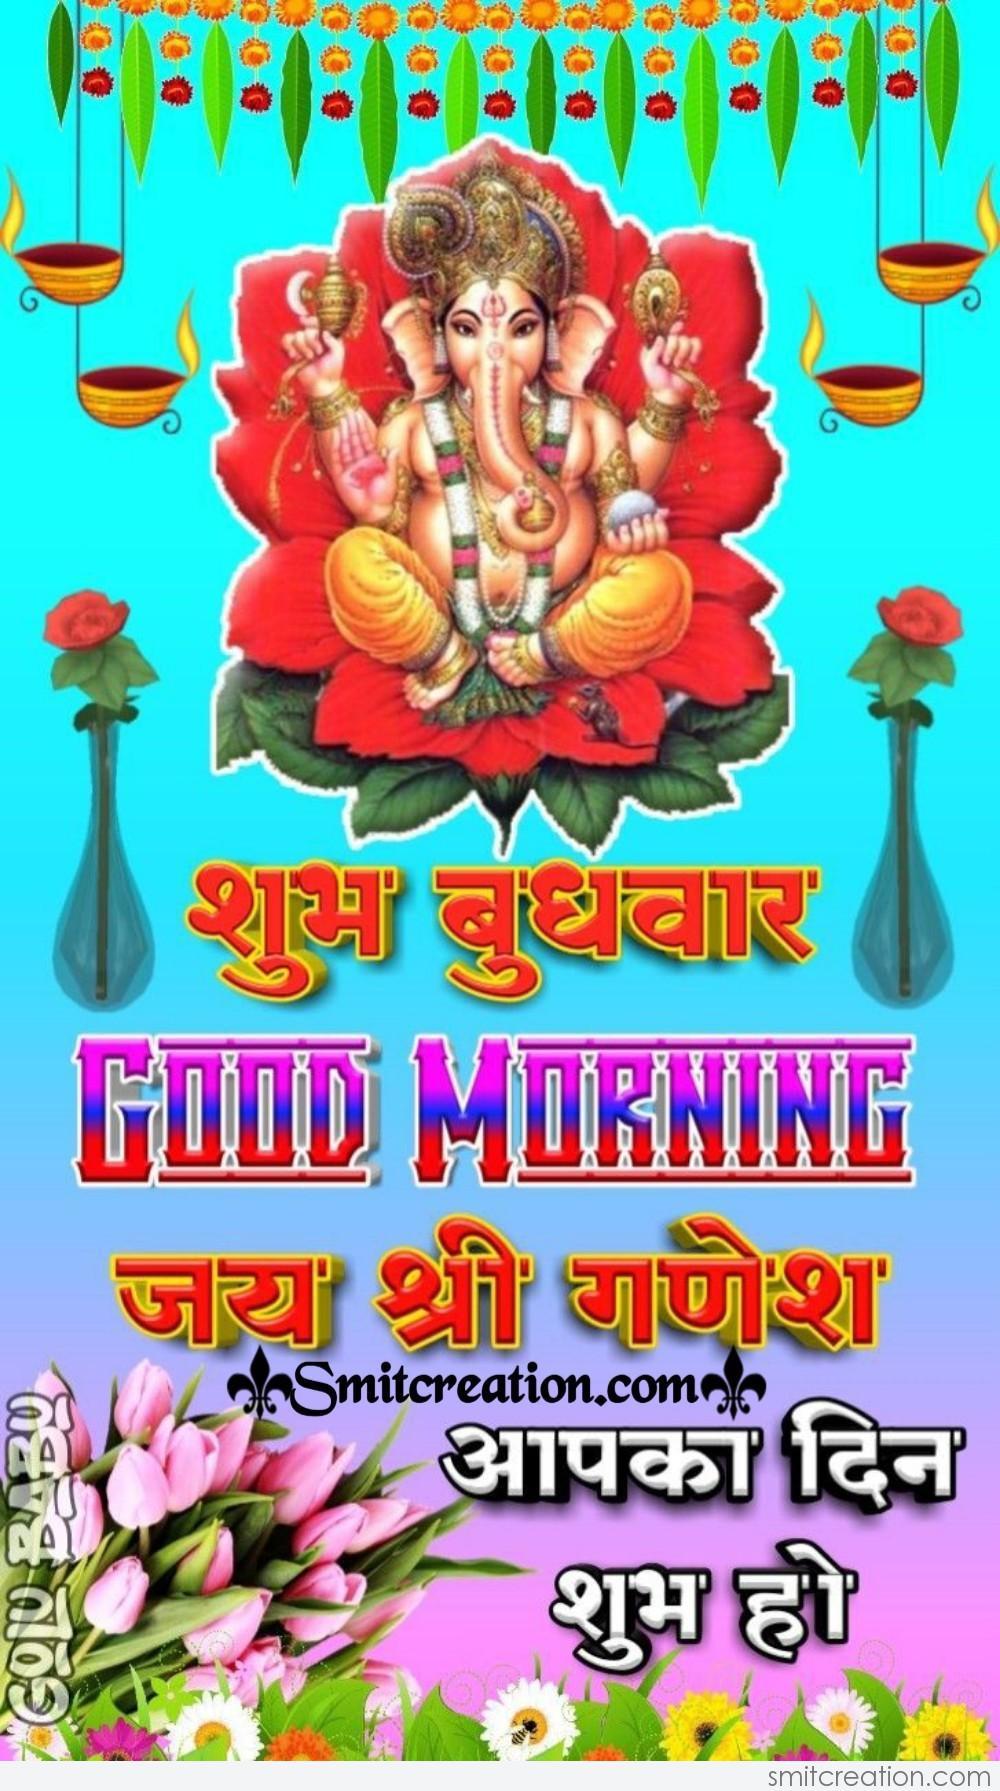 Shubh Budhvar Jai Shri Ganesh Image - SmitCreation.com